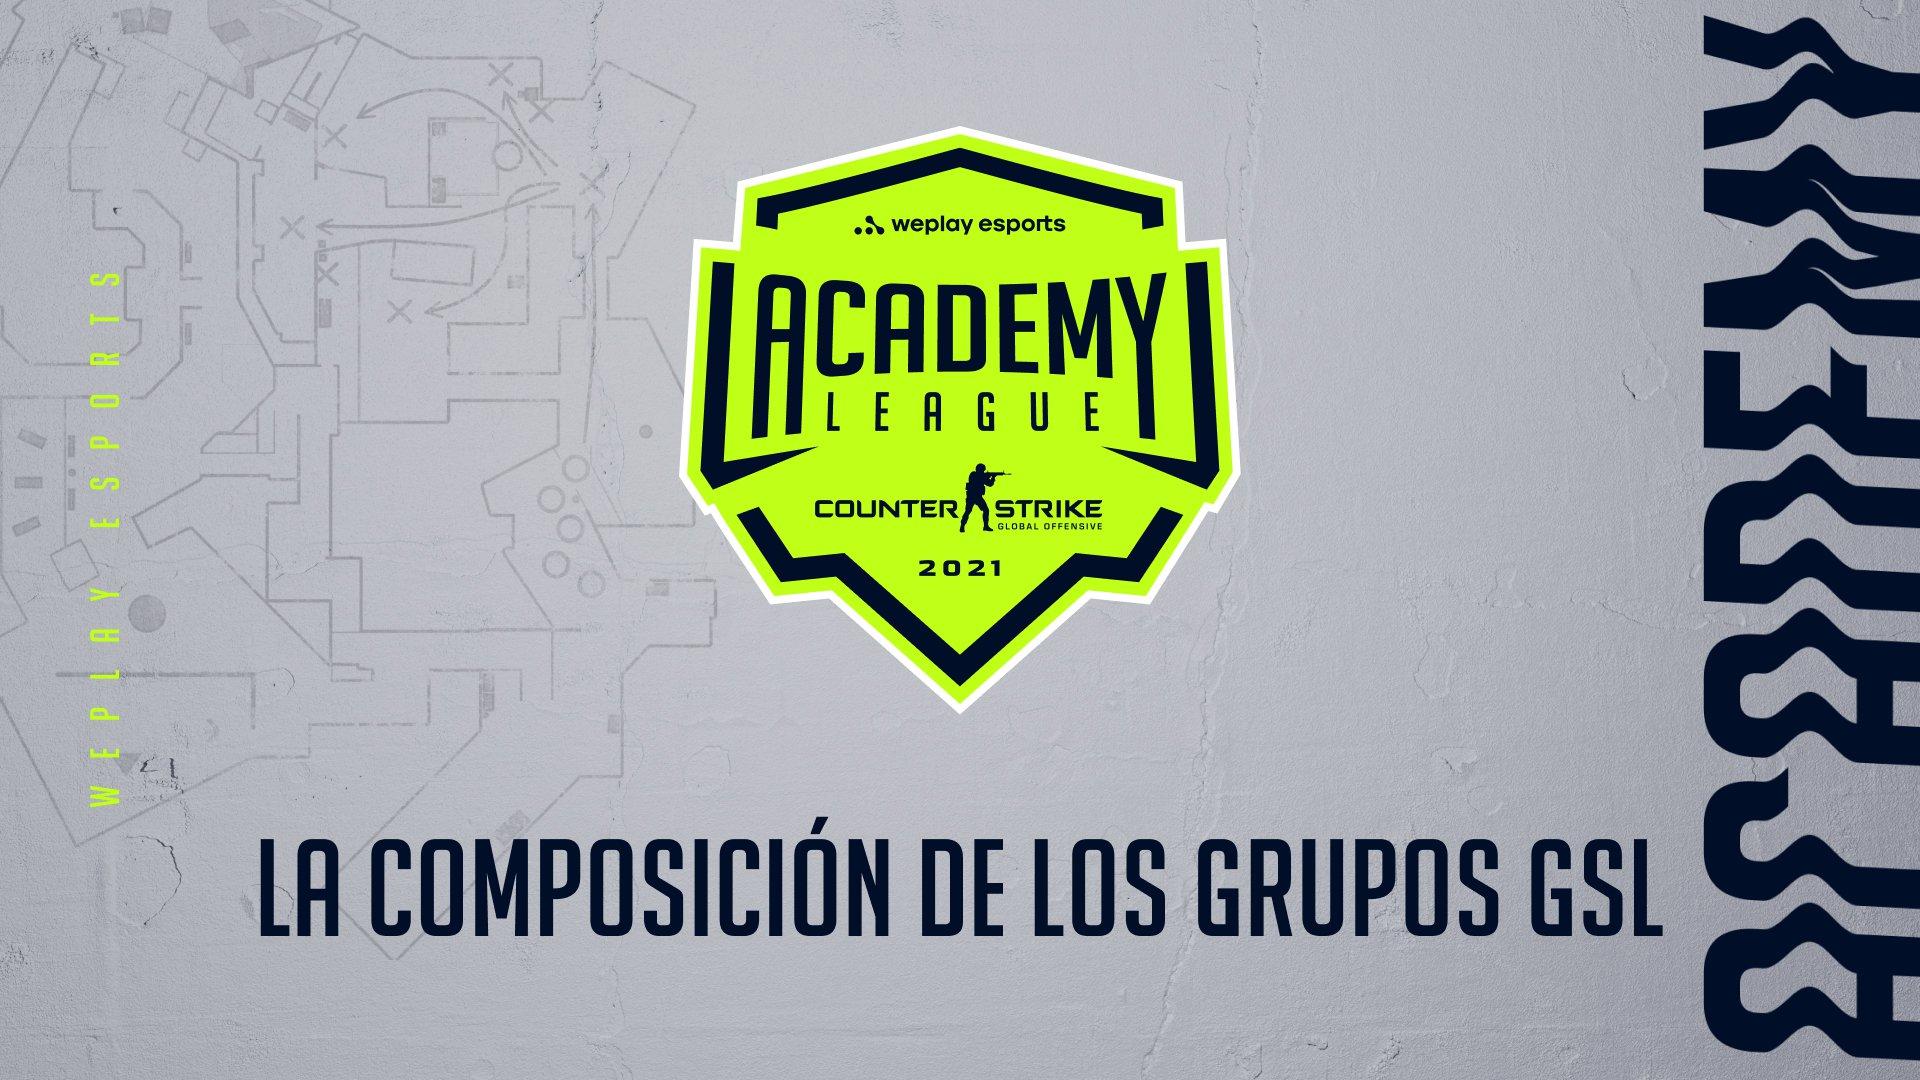 Se define la composición de los grupos GSL para la Temporada 2 de la WePlay Academy League. Imagen: WePlay Holding